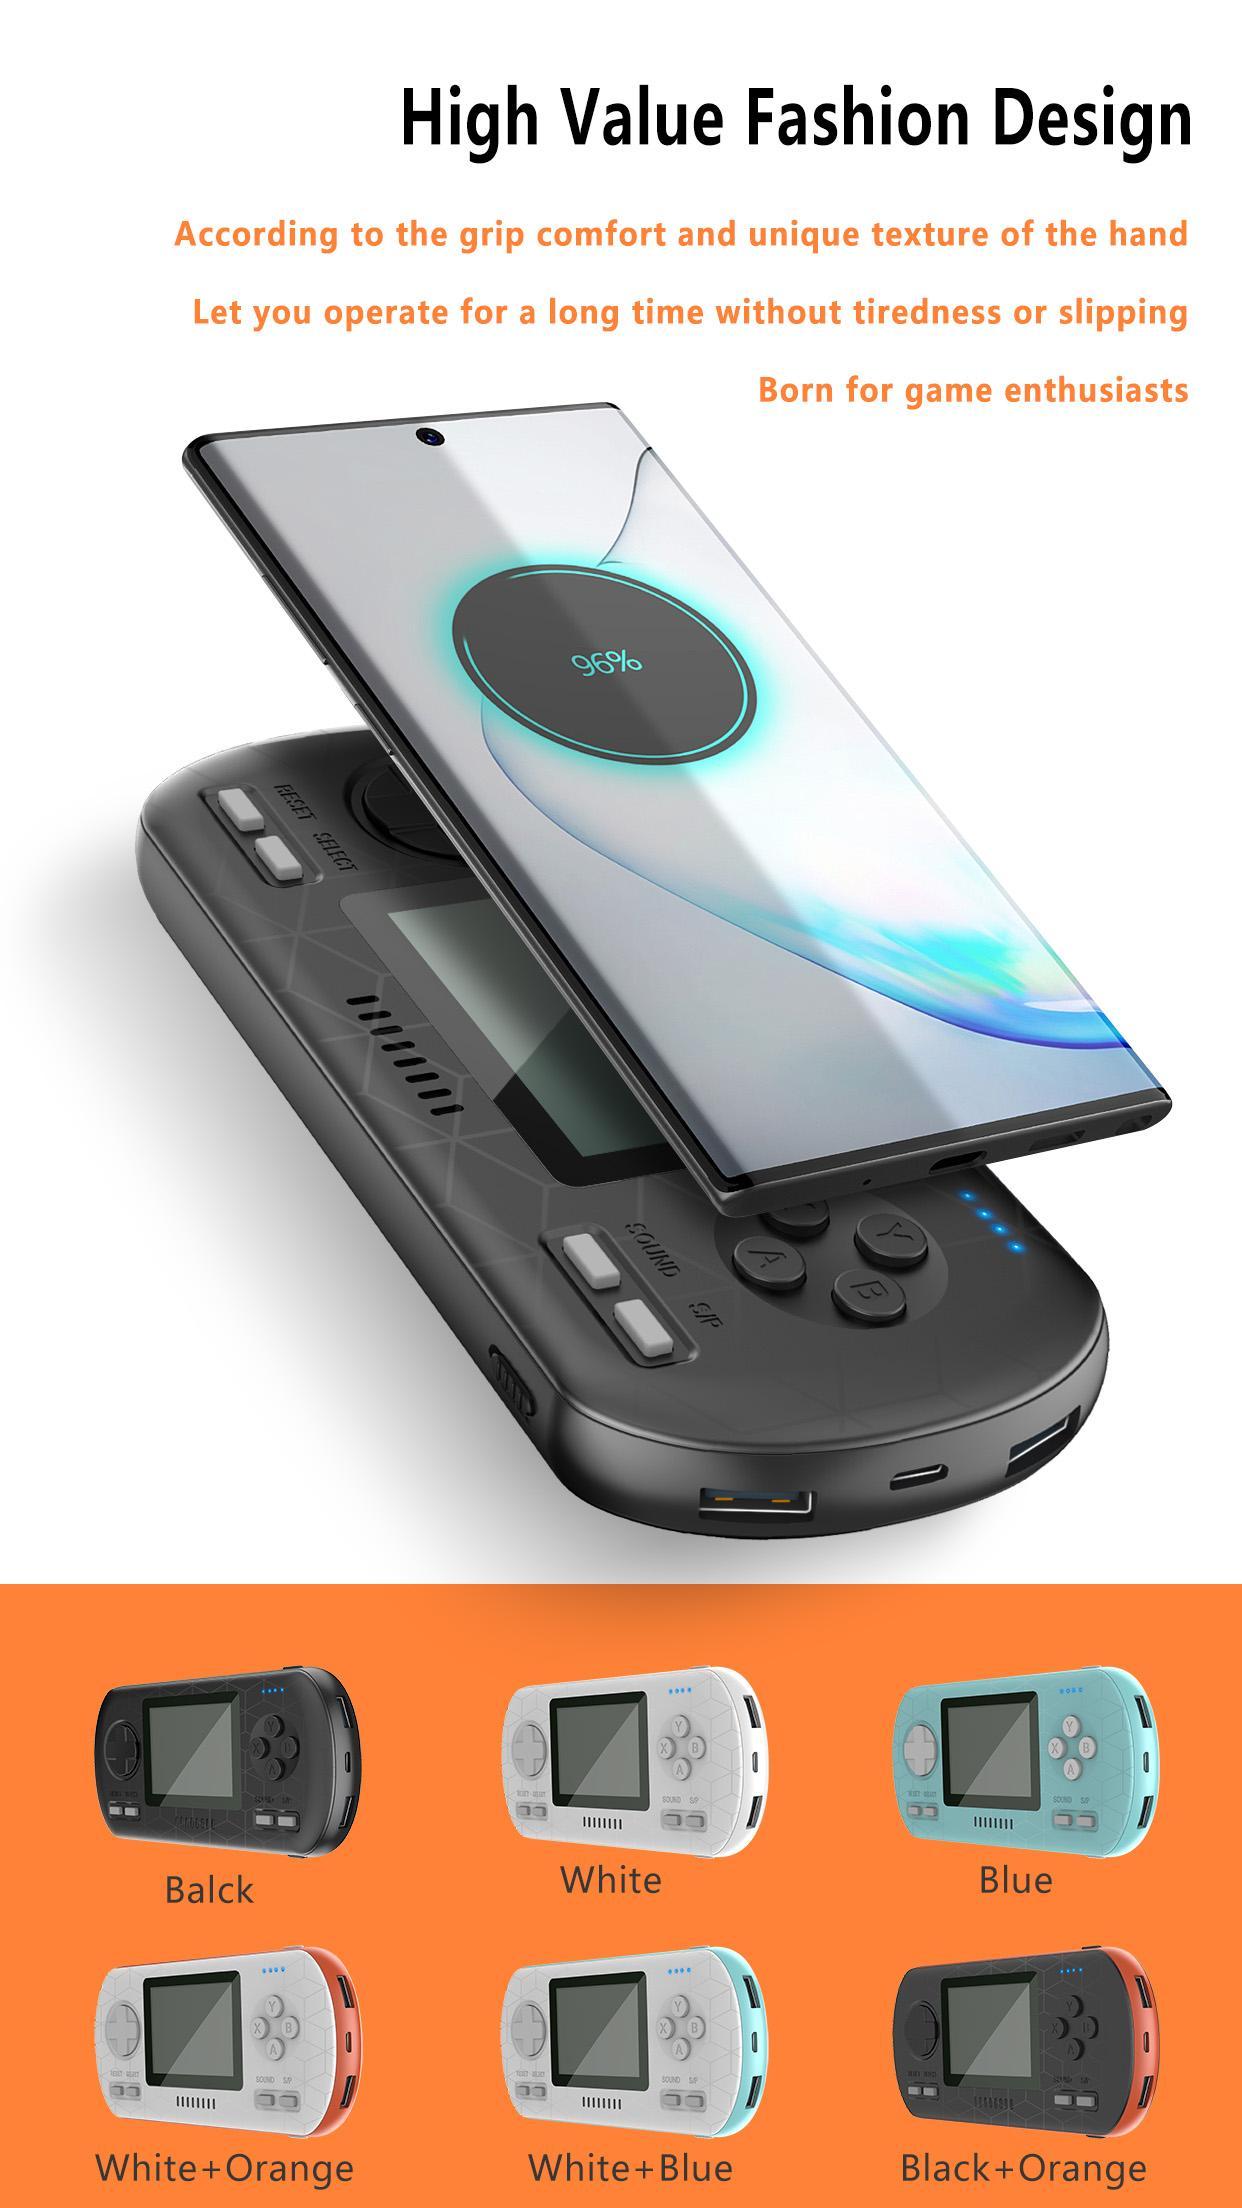 Cep Telefonları Dahili Klasik Oyunlar HD LCD Renkli Ekranda Kablosuz Güç Bankası Fonksiyonlu El Oyun Konsolu